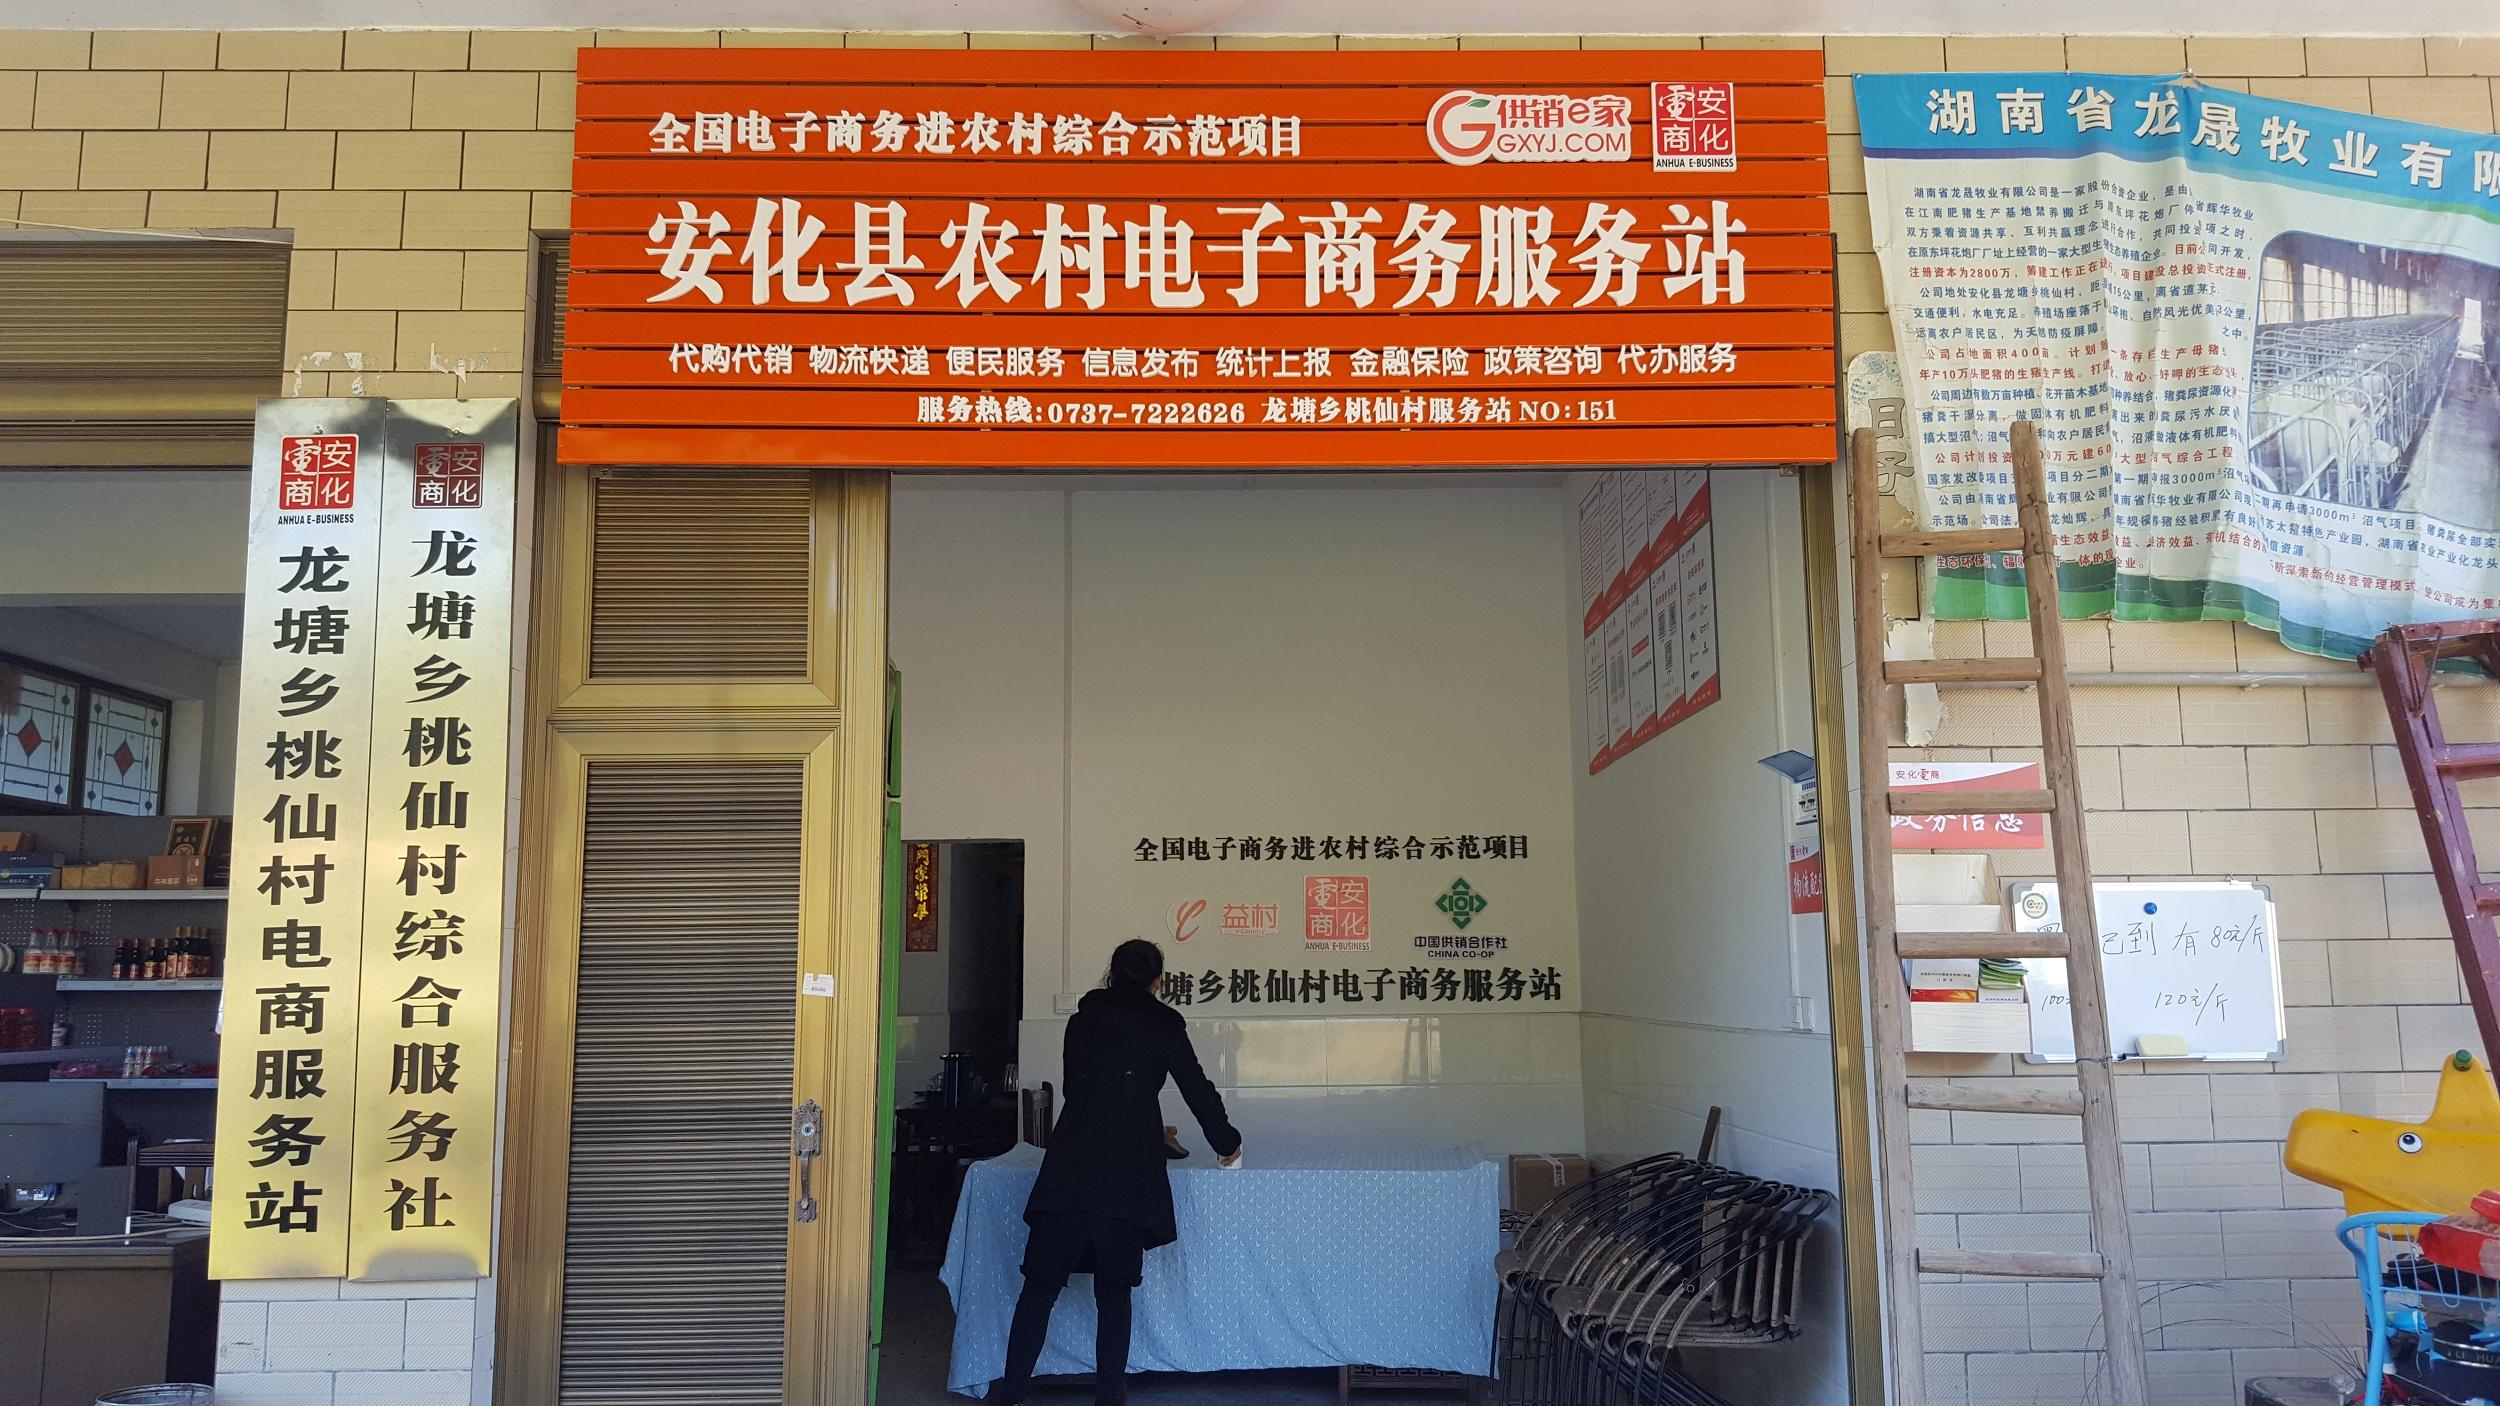 龙塘乡桃仙村电商服务站